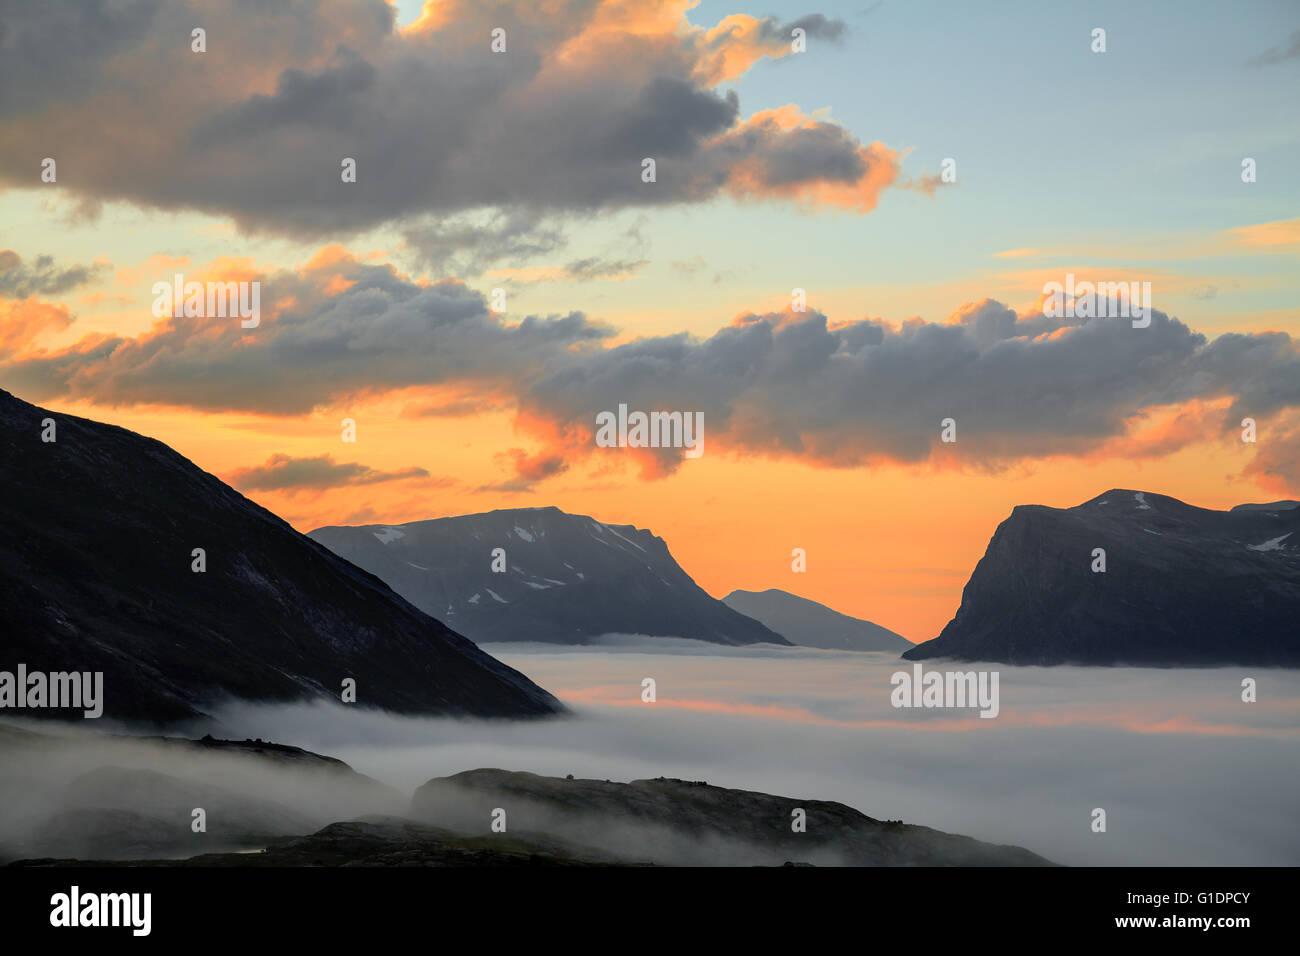 trolls valley in the mist on sunset in Trollstigen, Norway. - Stock Image